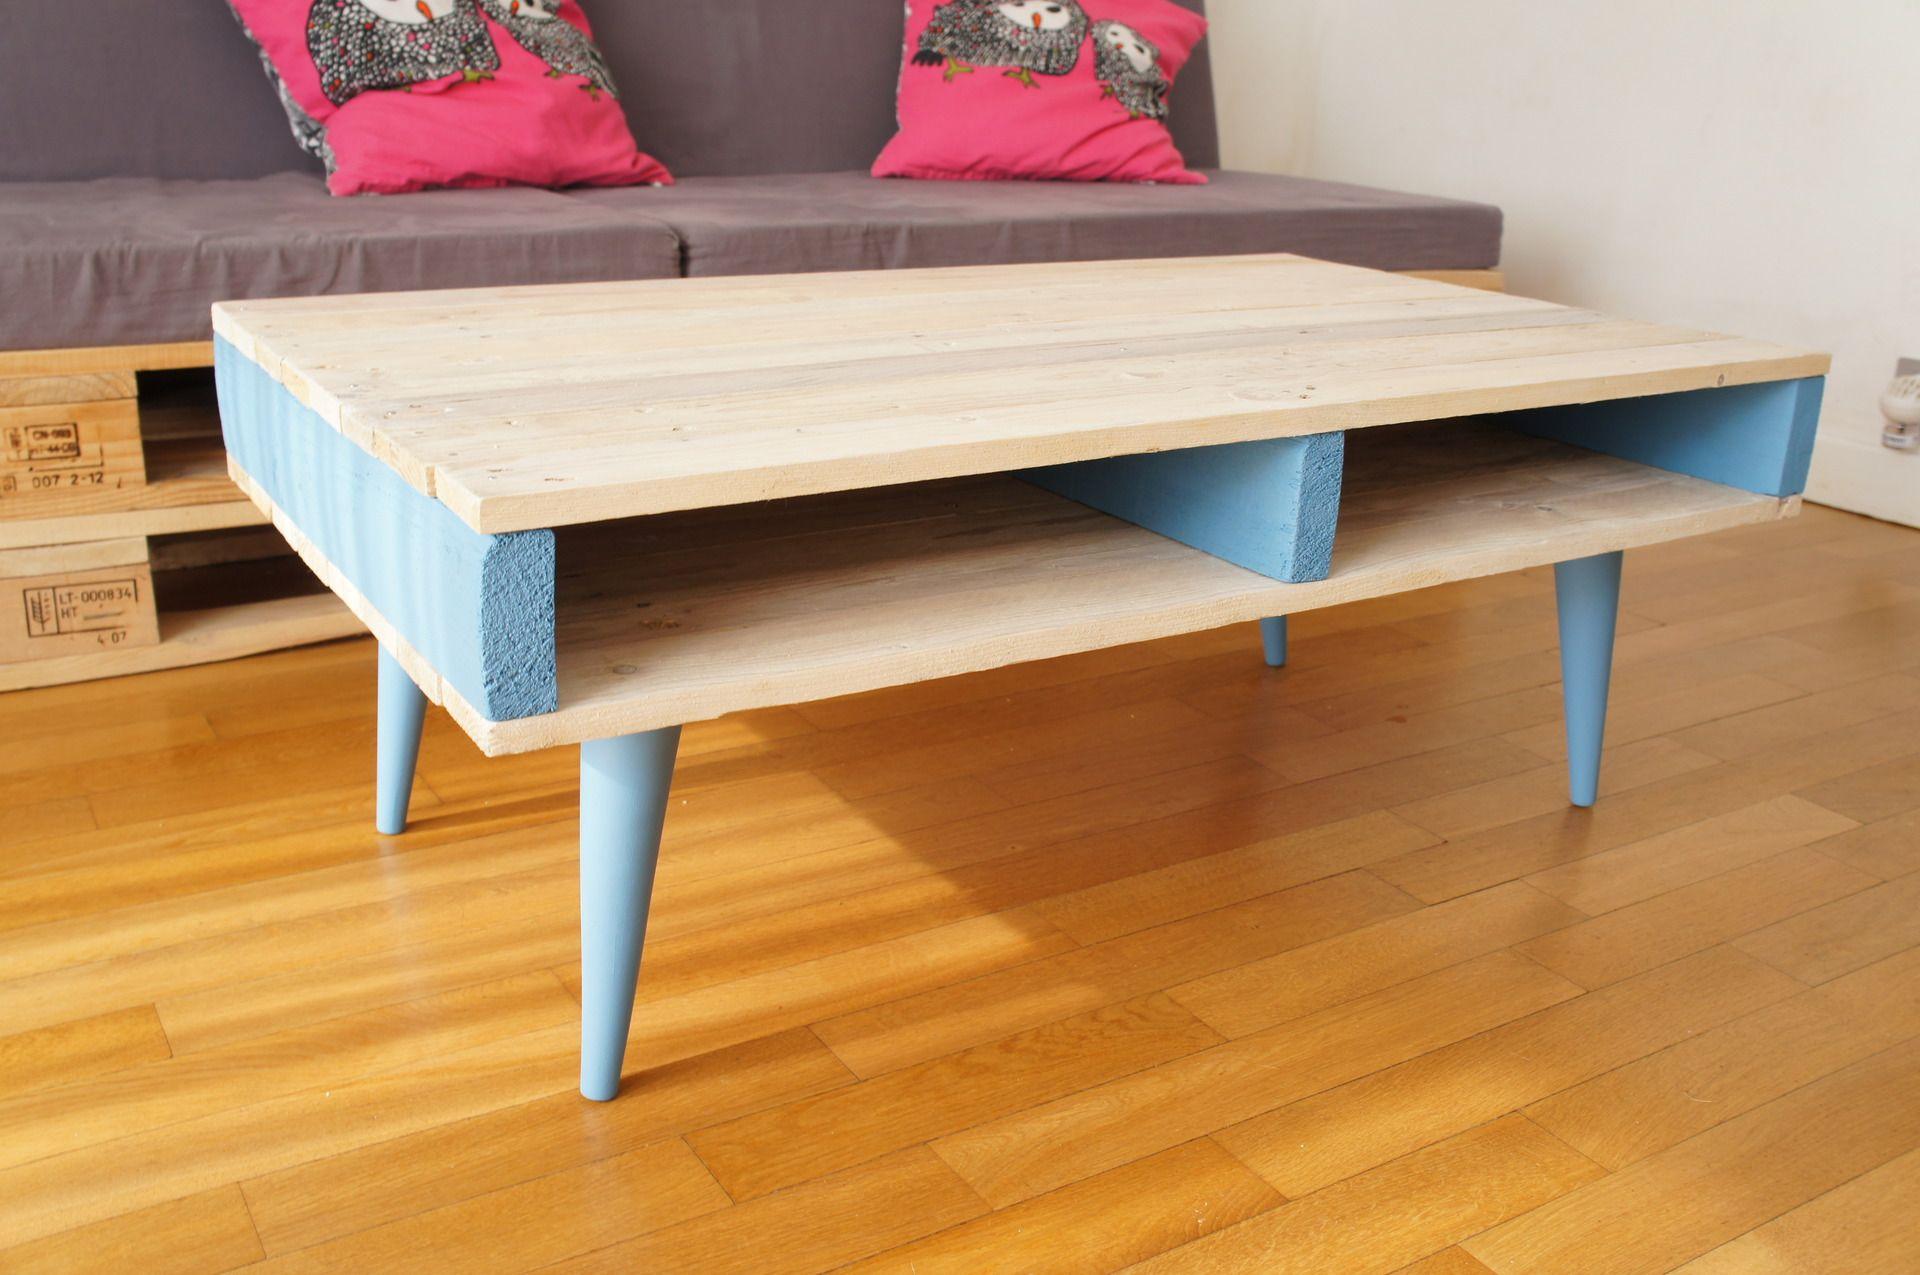 sur commande table basse en bois de palettes avec pieds. Black Bedroom Furniture Sets. Home Design Ideas